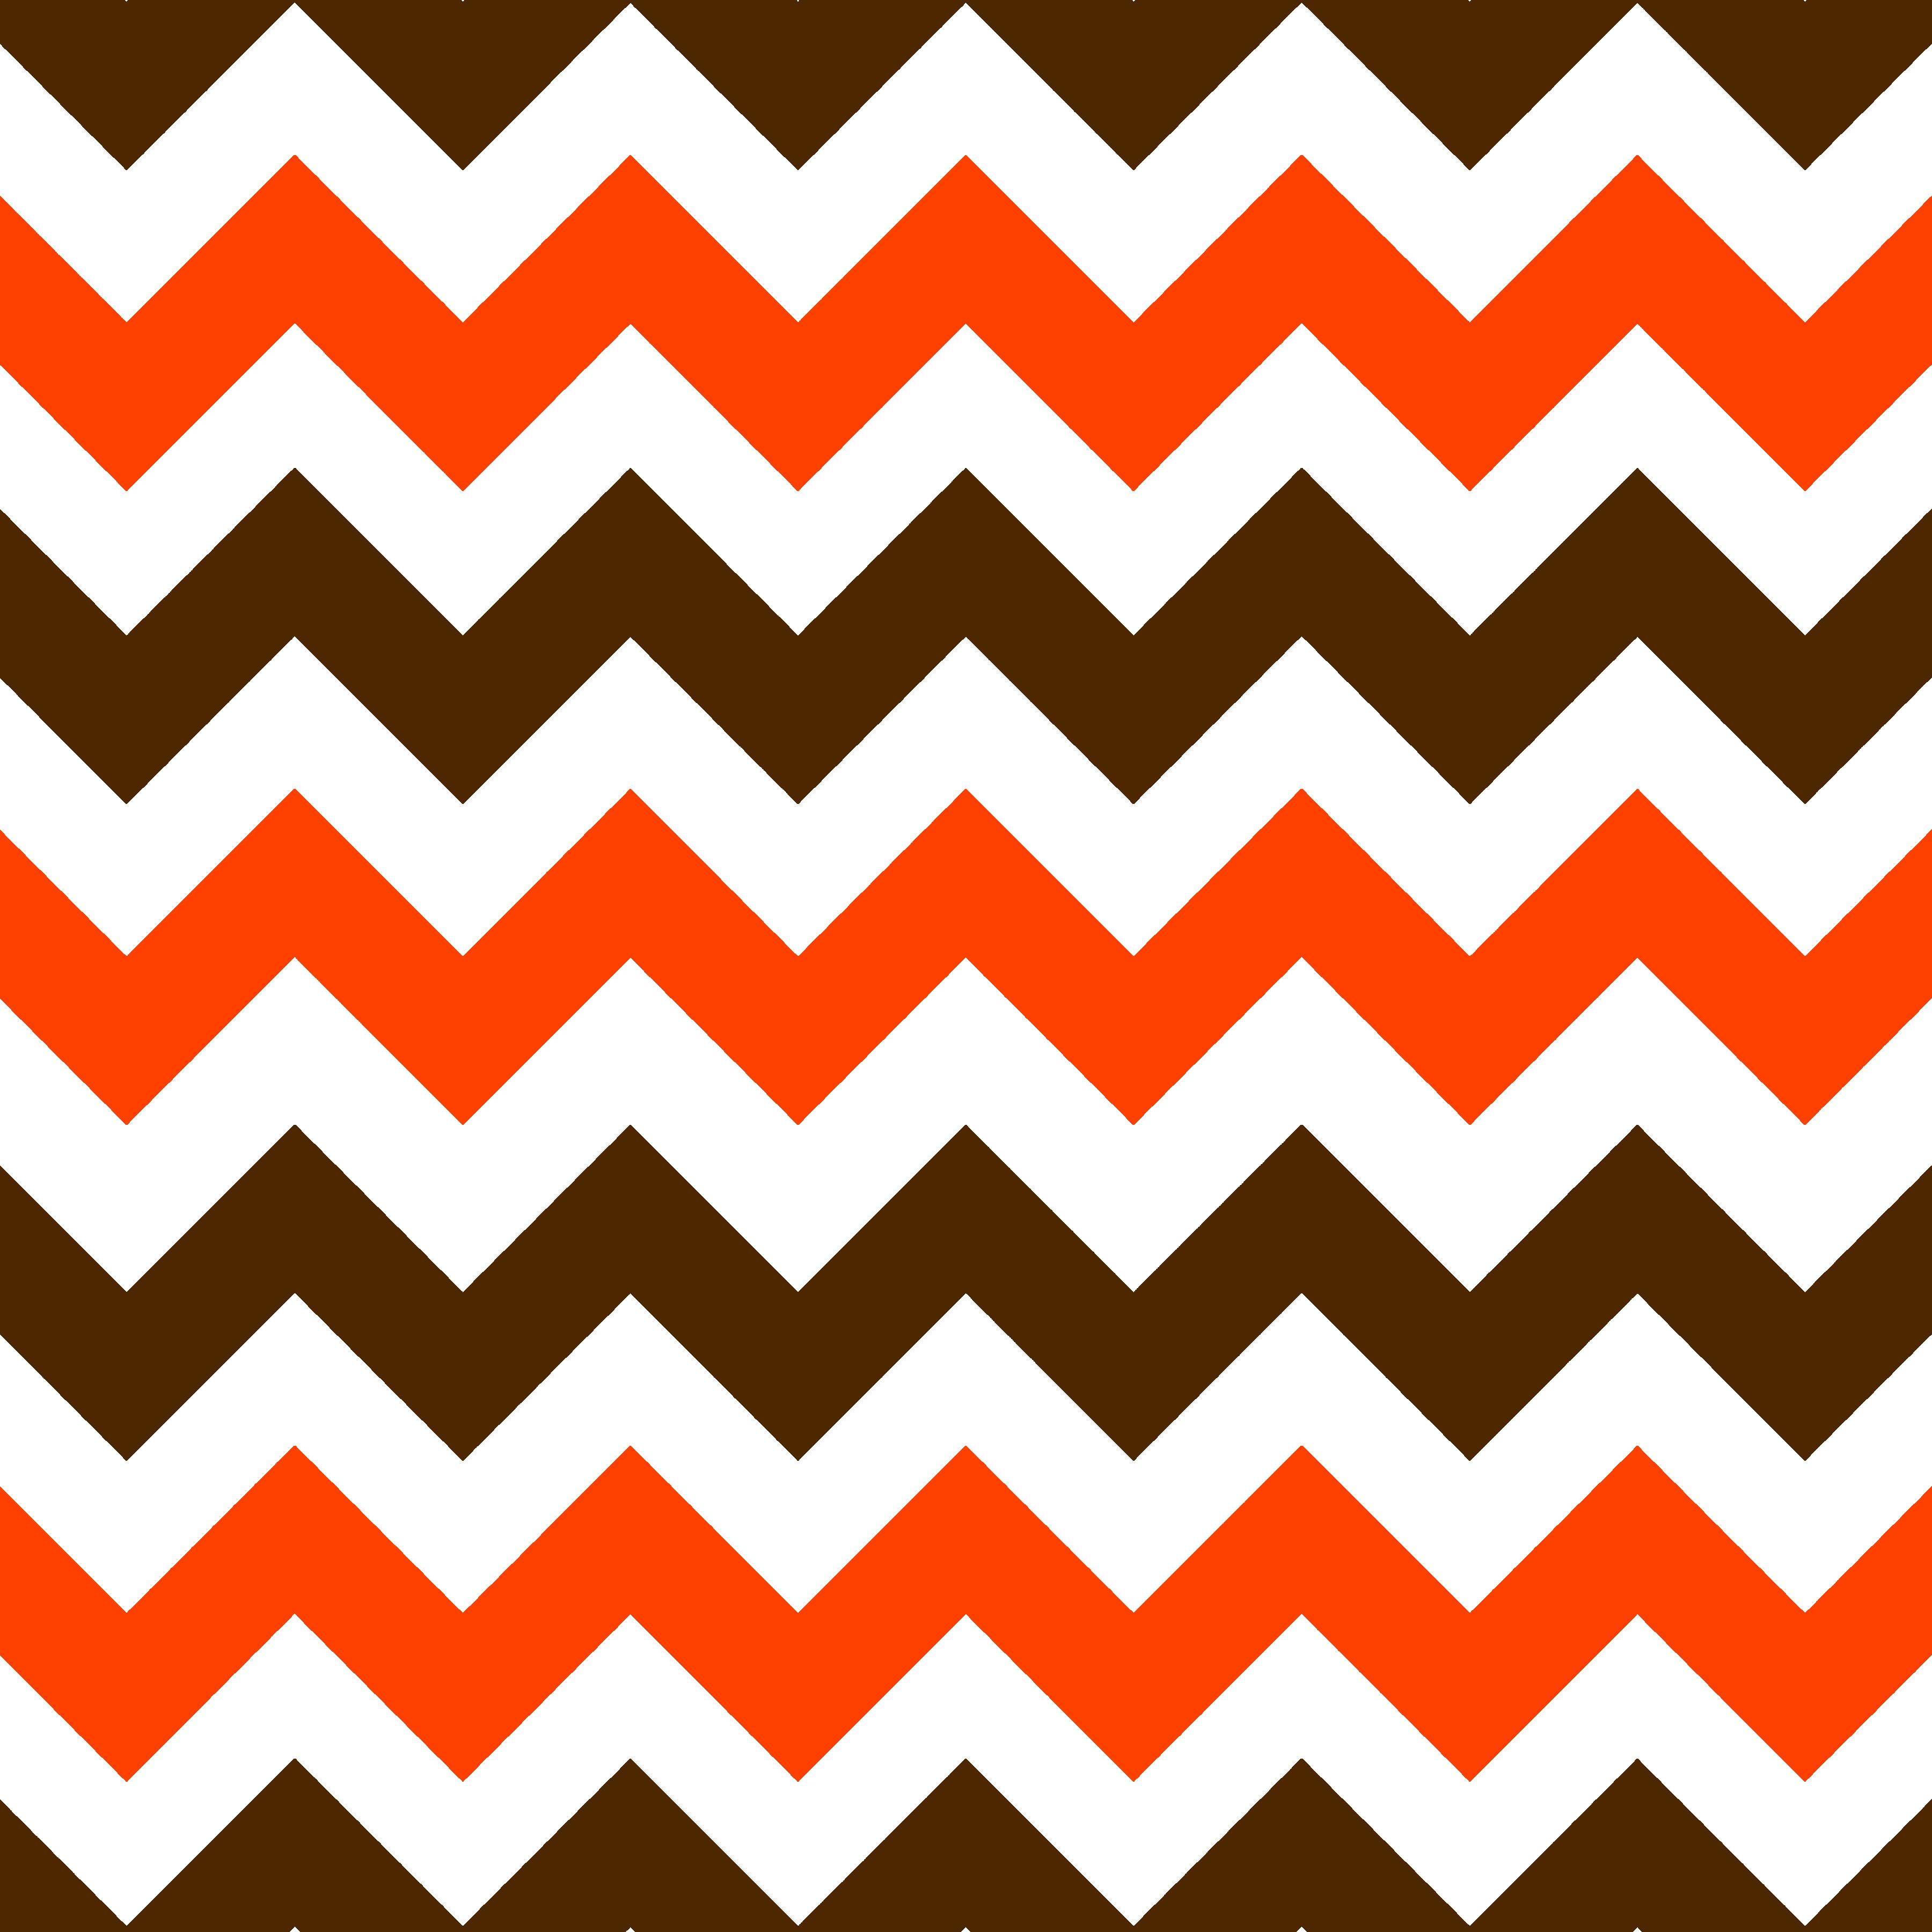 AutumnChevronjpg 36003600 pixels Fall Pinterest 3600x3600